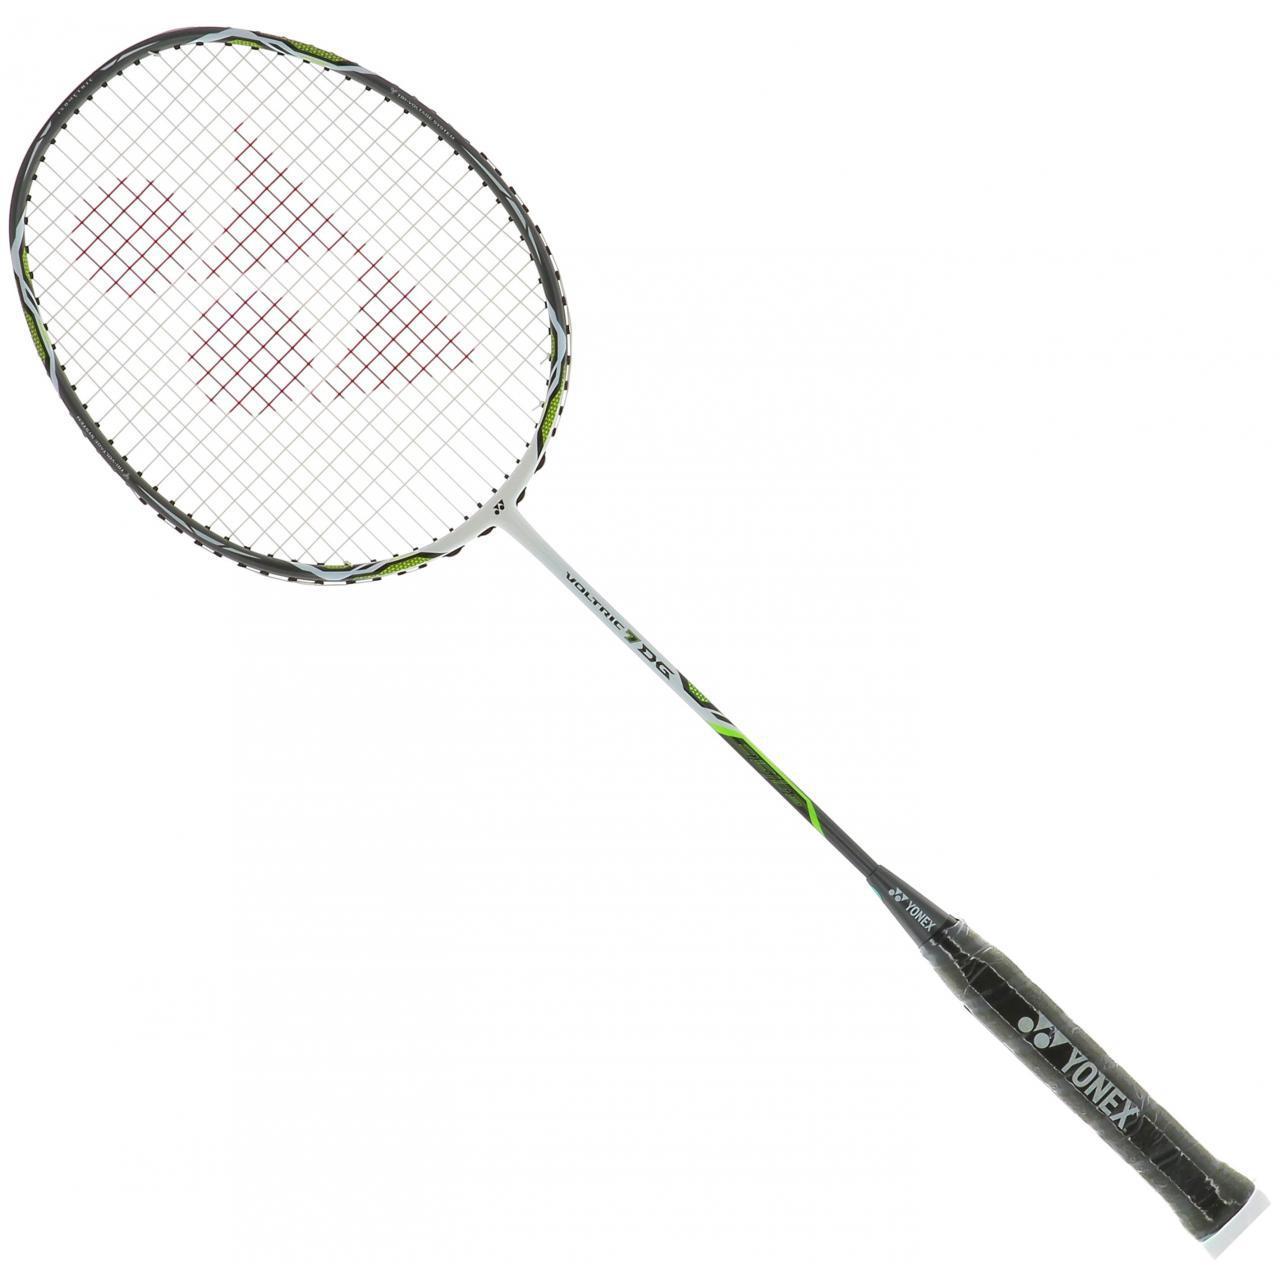 Badminton-Racket-Yonex-Voltric-7dg-Blc-Jne-3u4-White-18790-New